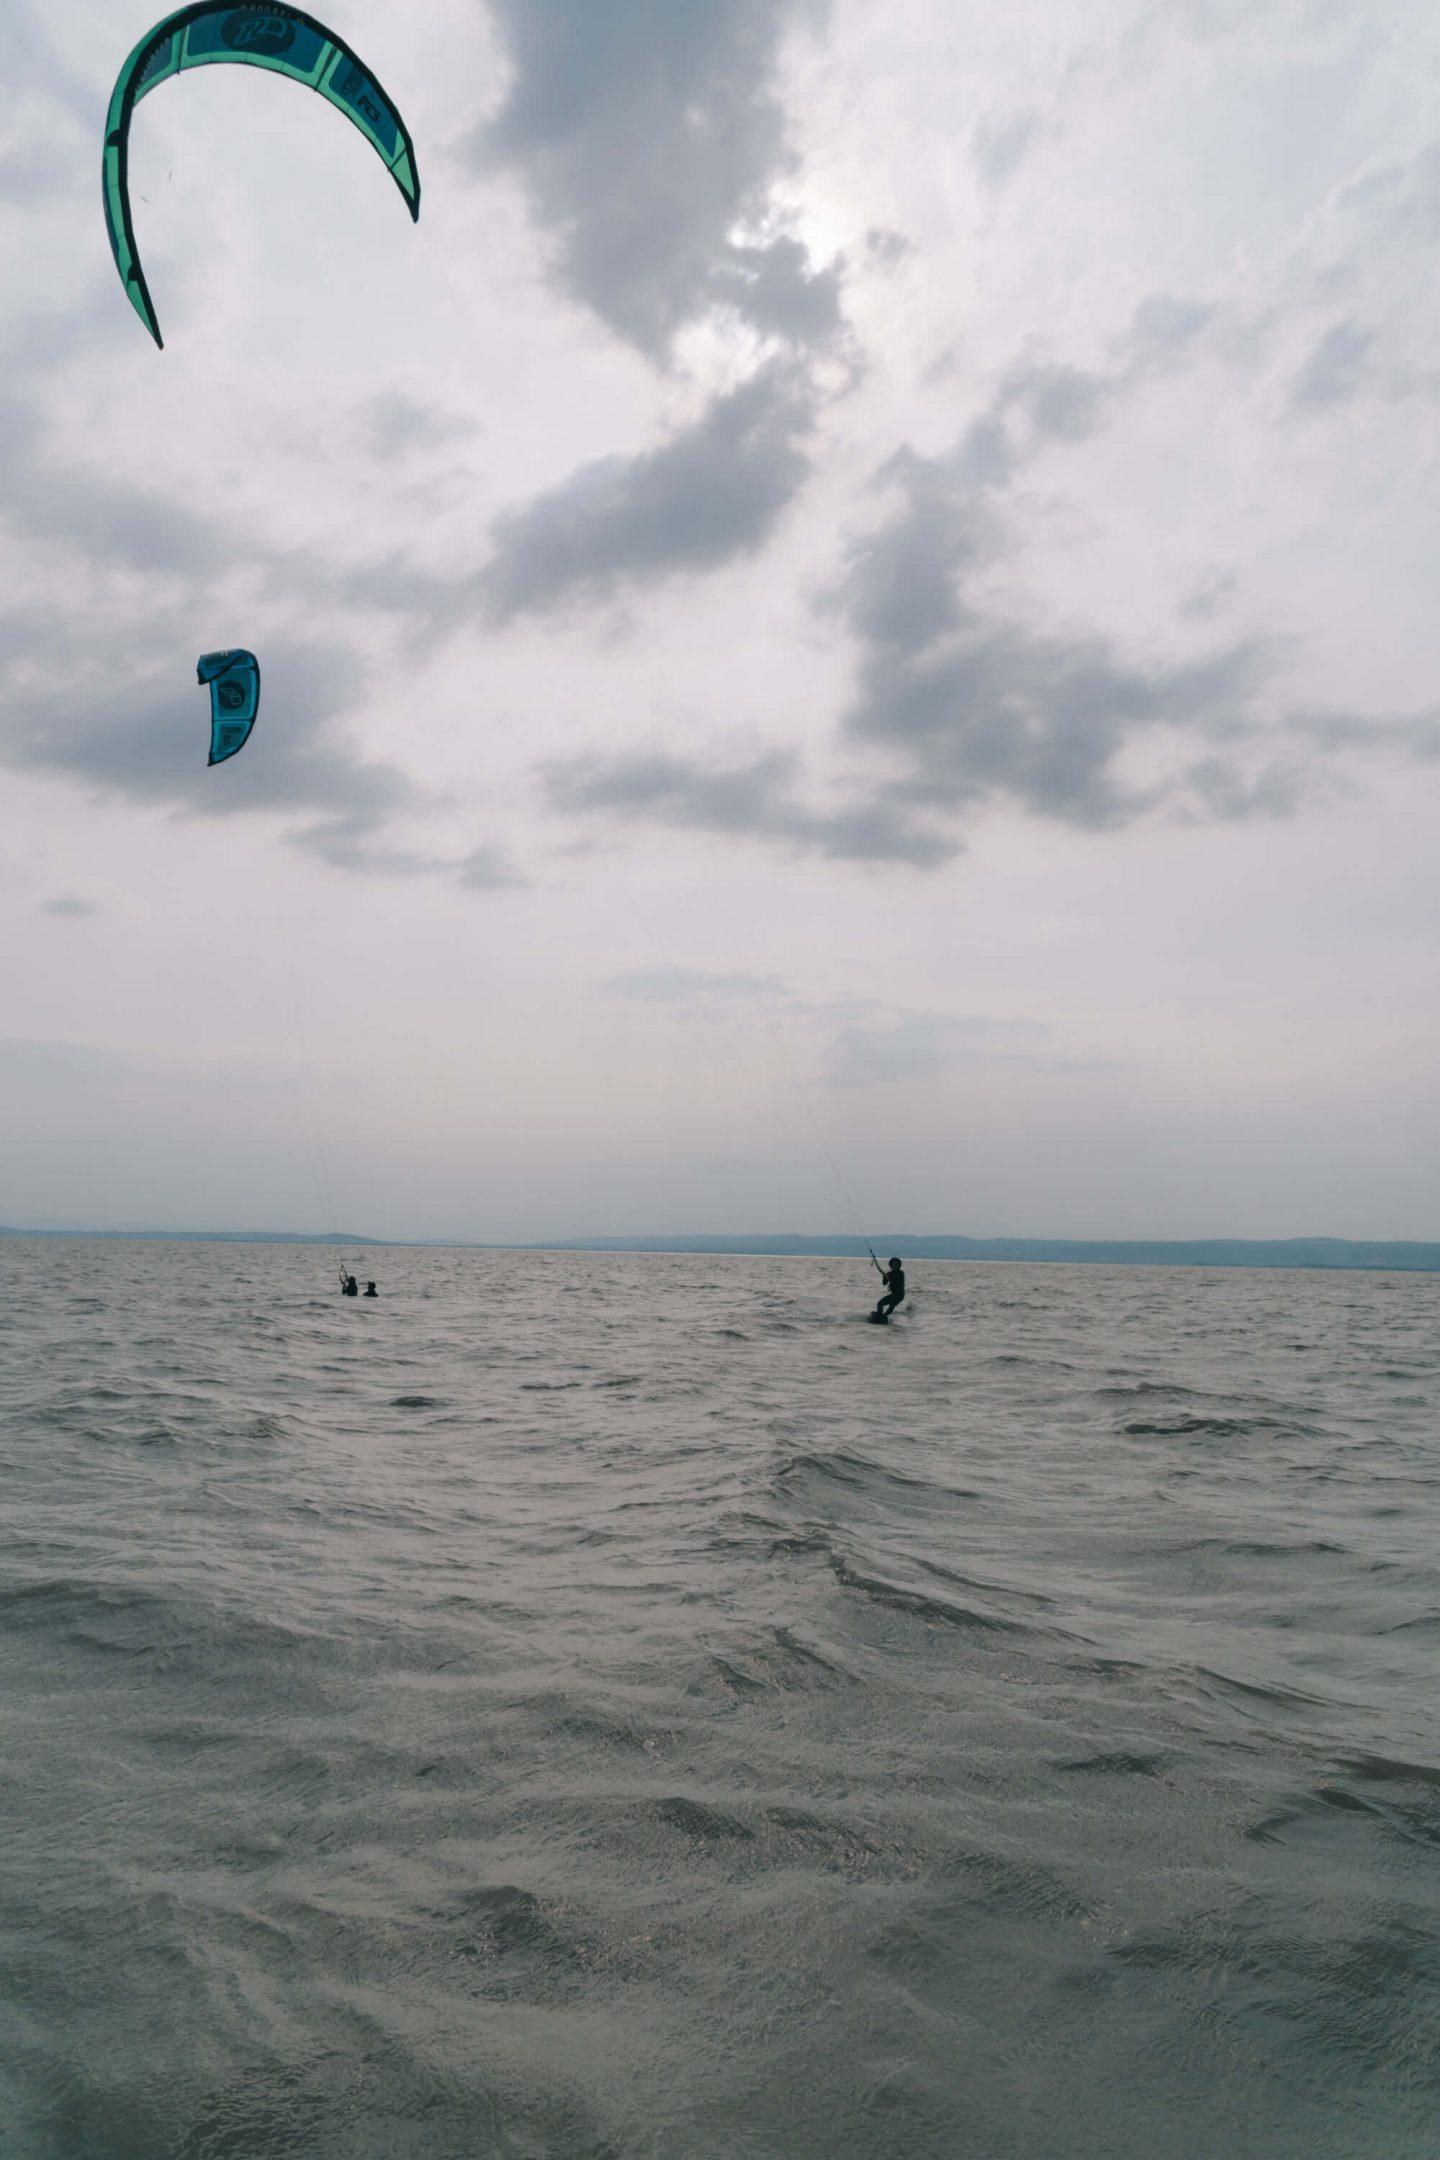 Kitesurfen in Podersdorf am Neusiedler See